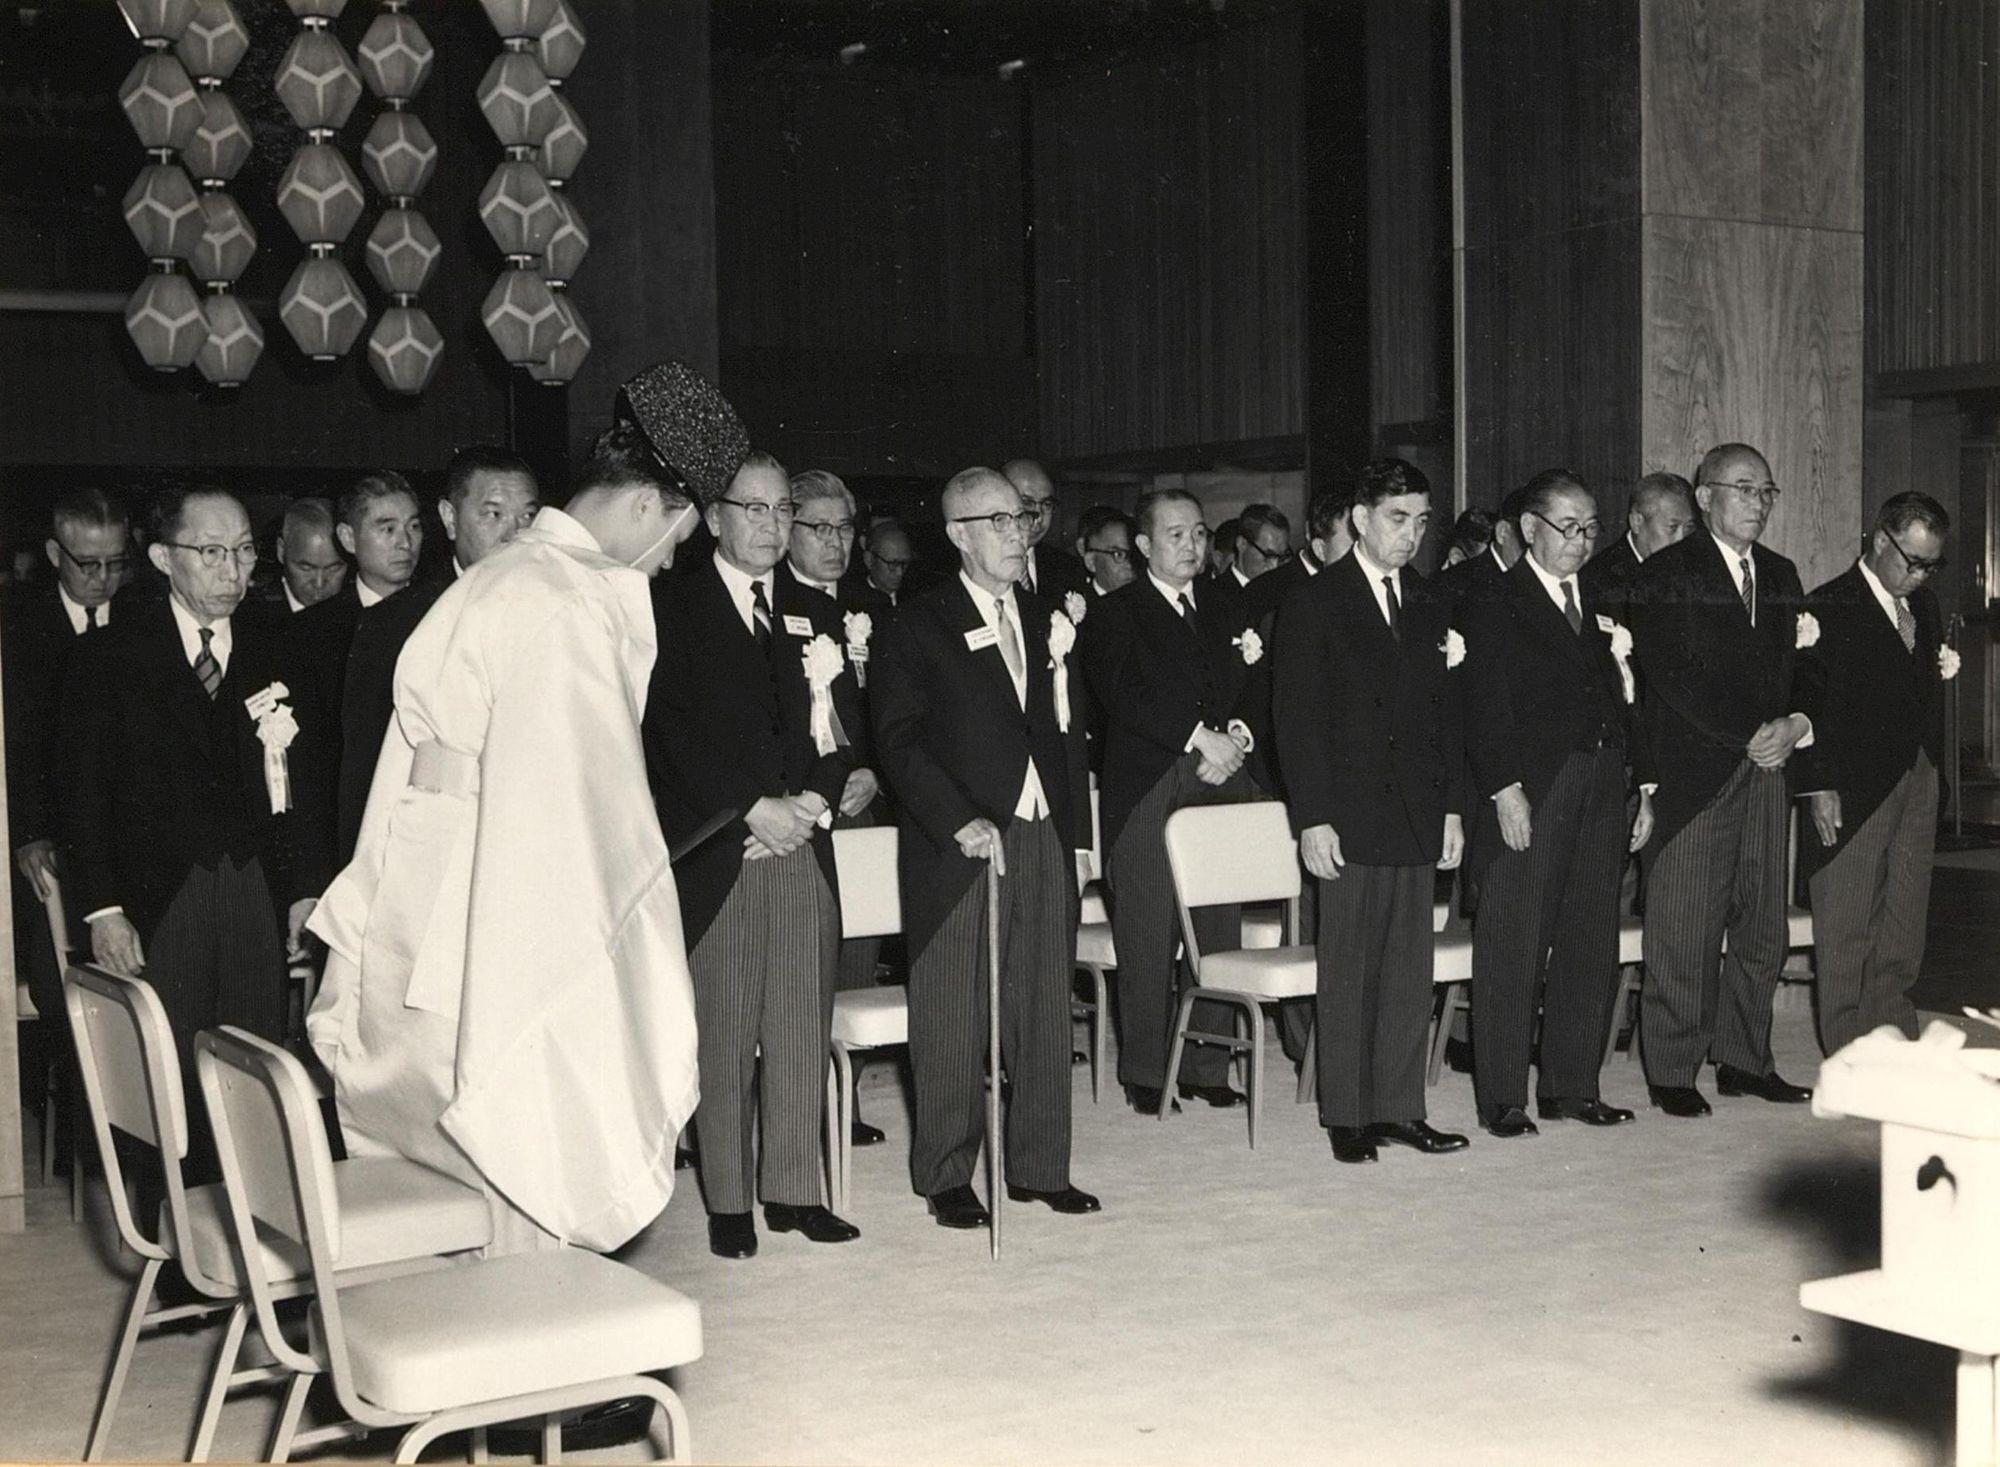 1962年の開業式典の様子。中央が大倉喜七郎、その左が野田岩次郎、右にいるのが谷口吉郎。